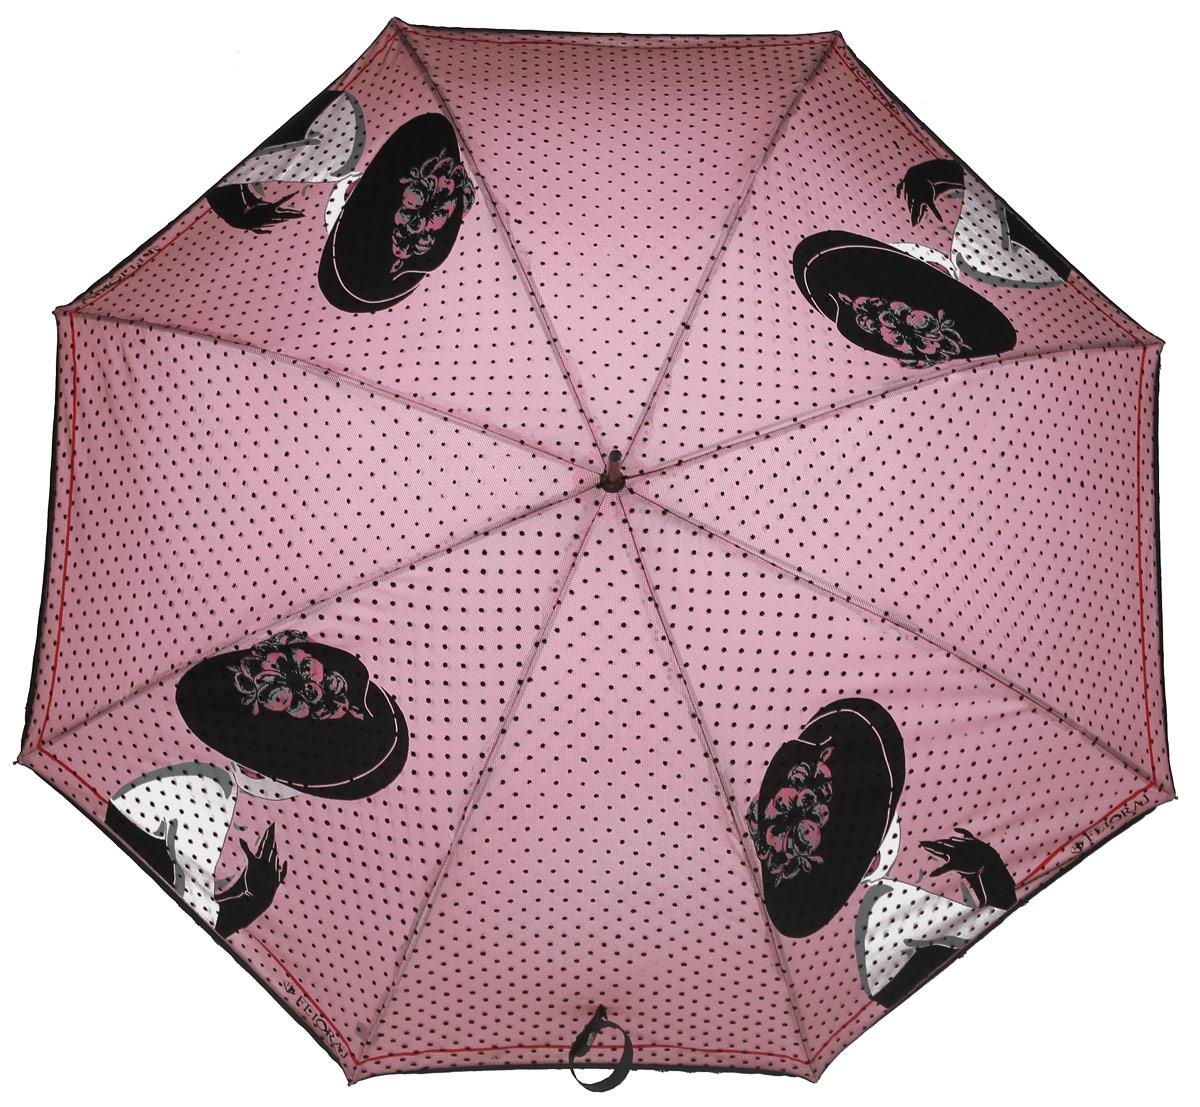 Зонт женский Flioraj, механика, трость, цвет: розовый, черный. 121202 FJREM12-CAM-GREENBLACKЭлегантный зонт Flioraj выполнен из высококачественного полиэстера, не пропускающего воду. Уникальный каркас из анодированной стали, карбоновые спицы помогут выдержать натиск ураганного ветра. Улучшенный механизм зонта, максимально комфортная ручка держателя, увеличенный в длину стержень, тефлоновая пропитка материала купола - совершенство конструкции с изысканностью изделия на фоне конкурентоспособной цены.